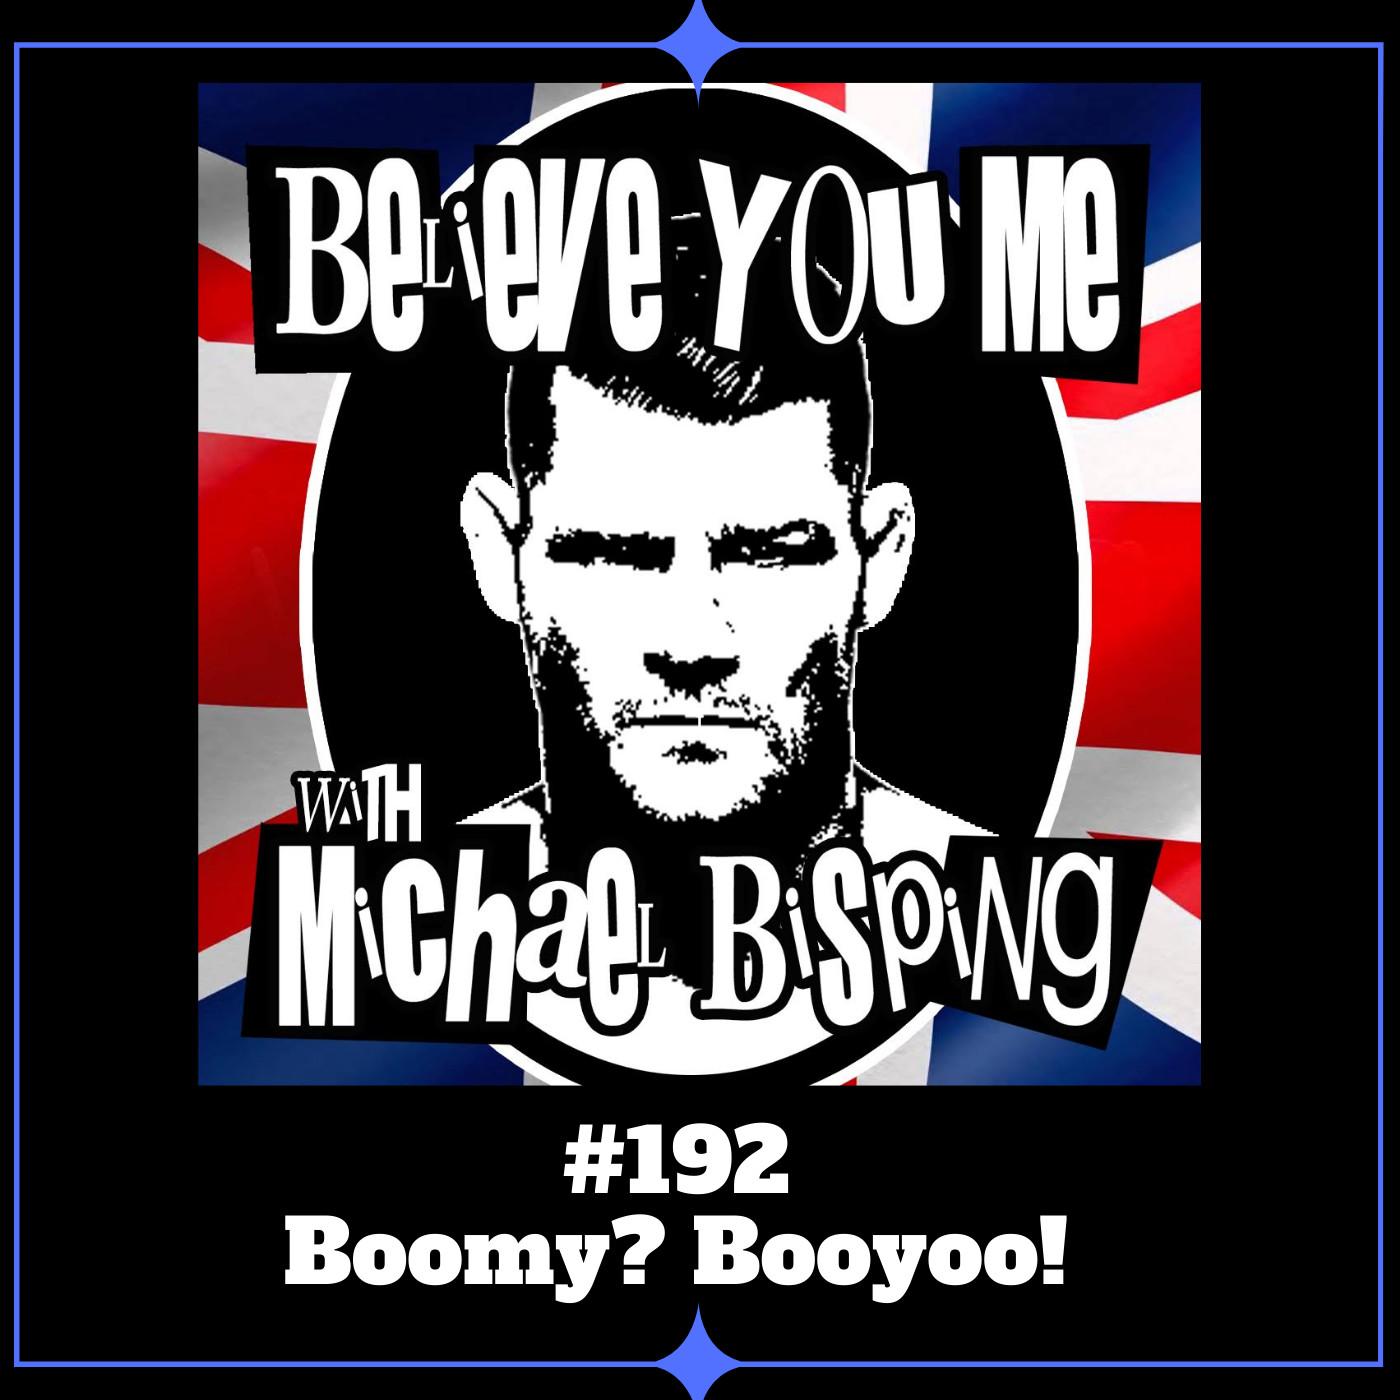 192 - Boomy? Booyoo!